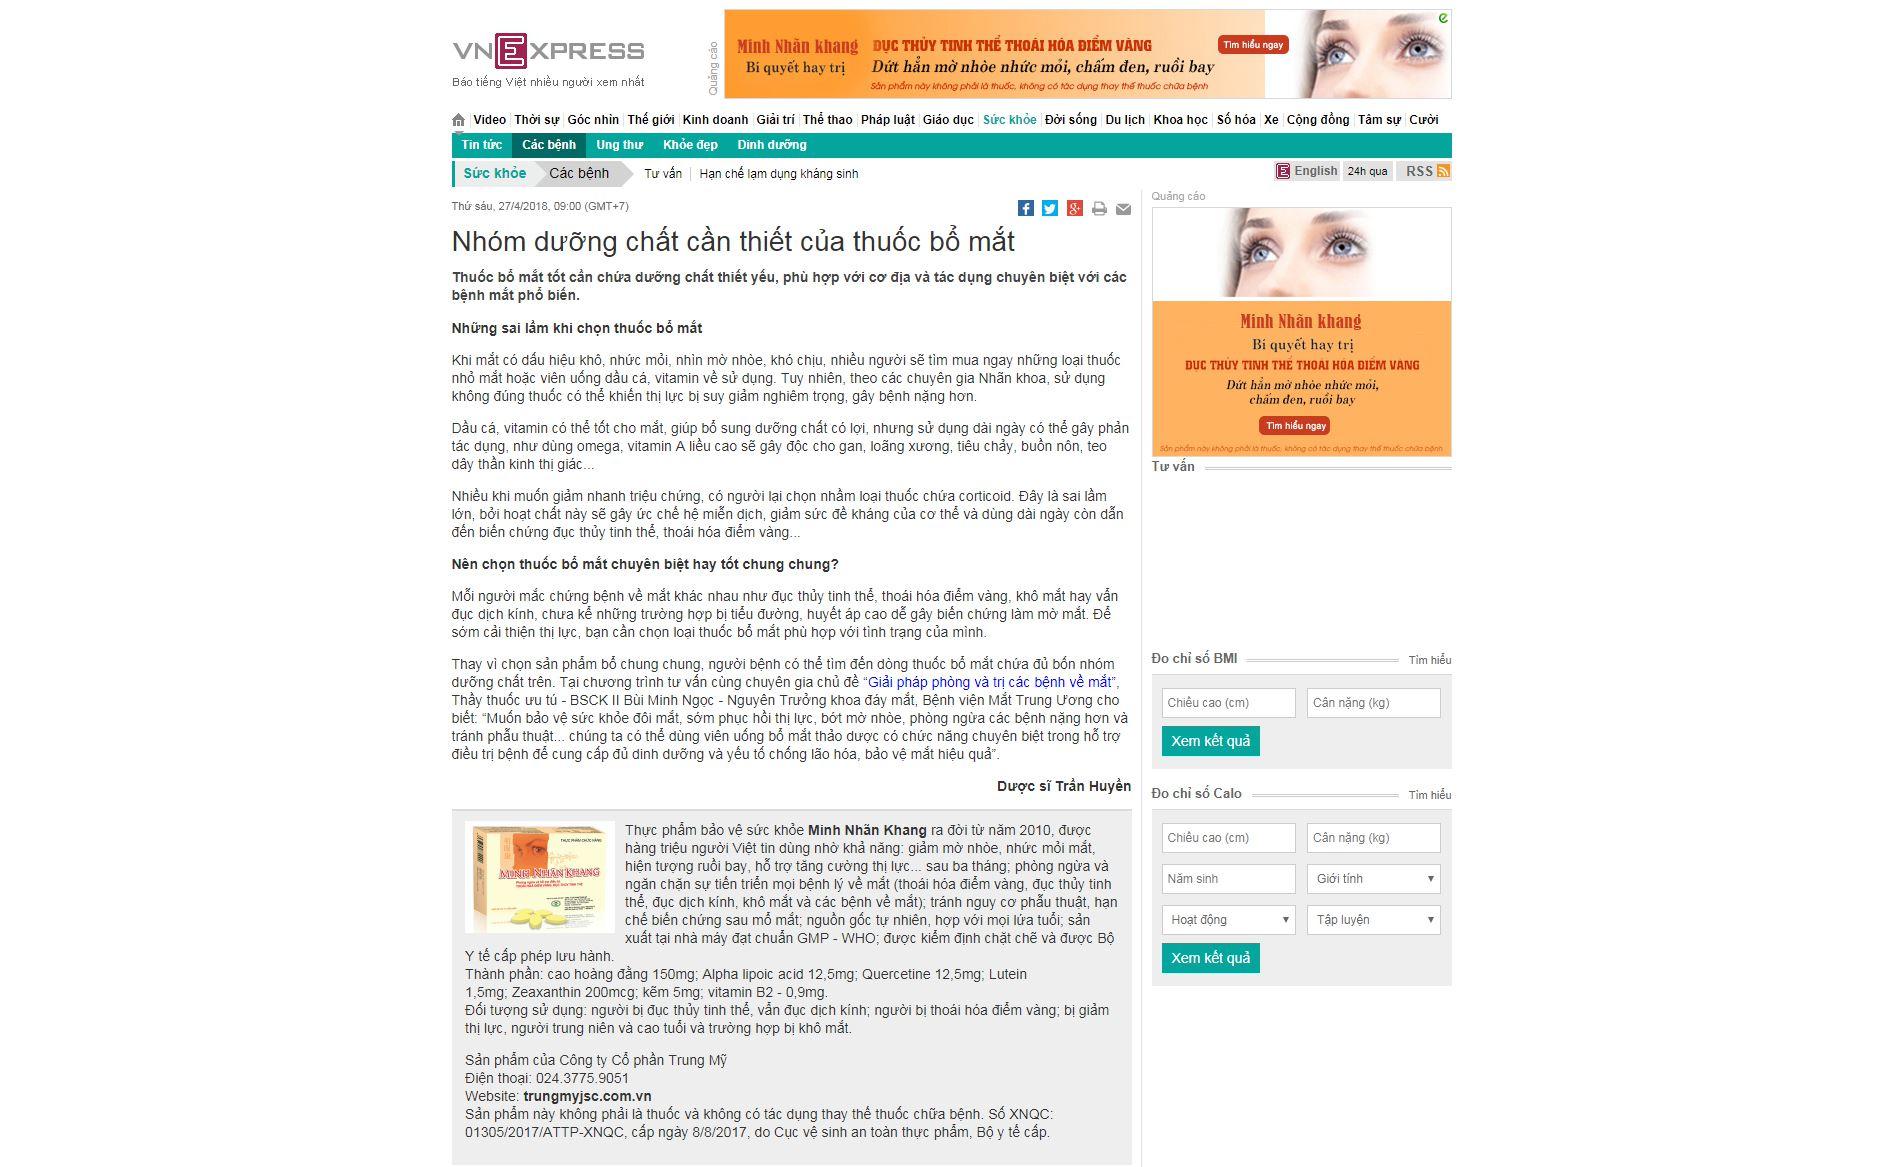 Thông tin về Minh Nhãn Khang được nhiều trang báo uy tín đăng tải